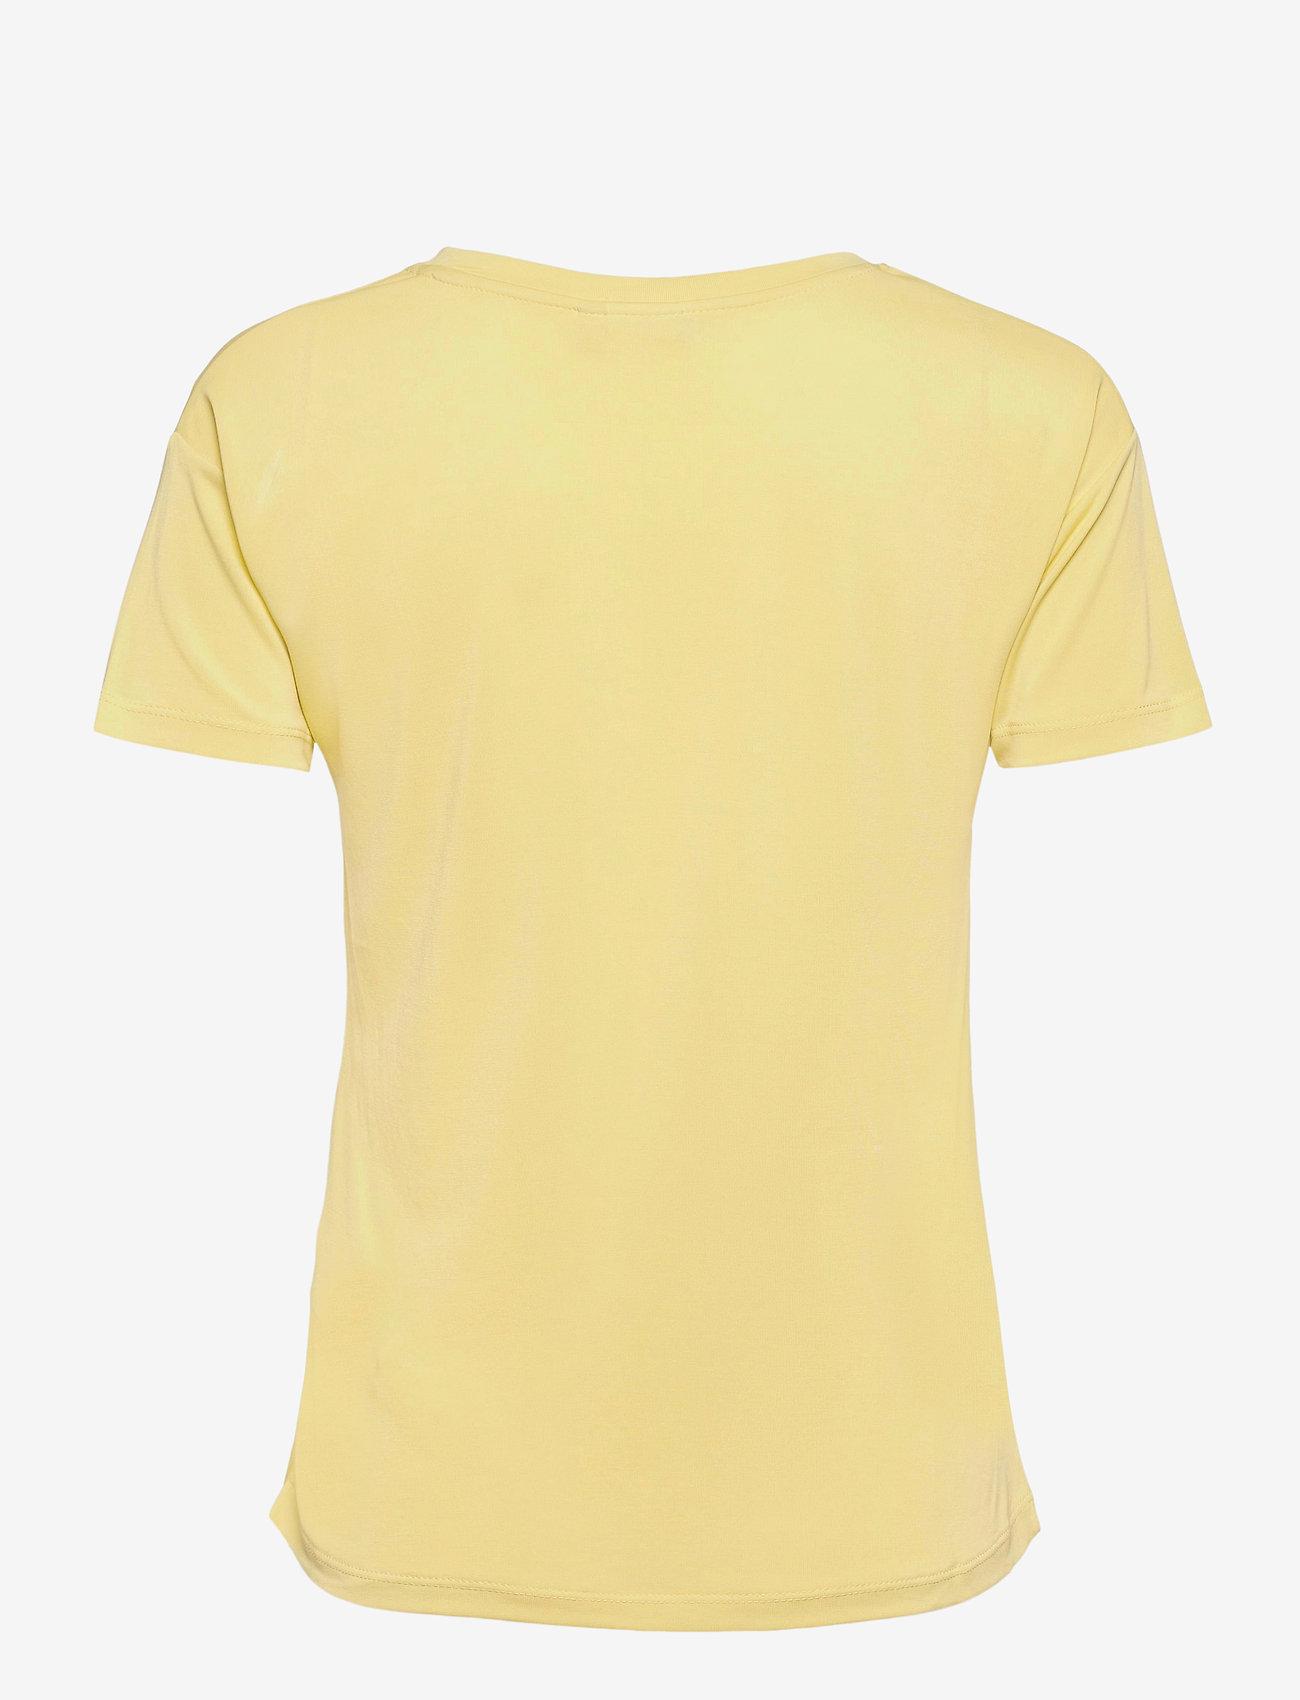 ICHI - IHSELMA SS - t-shirt & tops - golden mist - 1